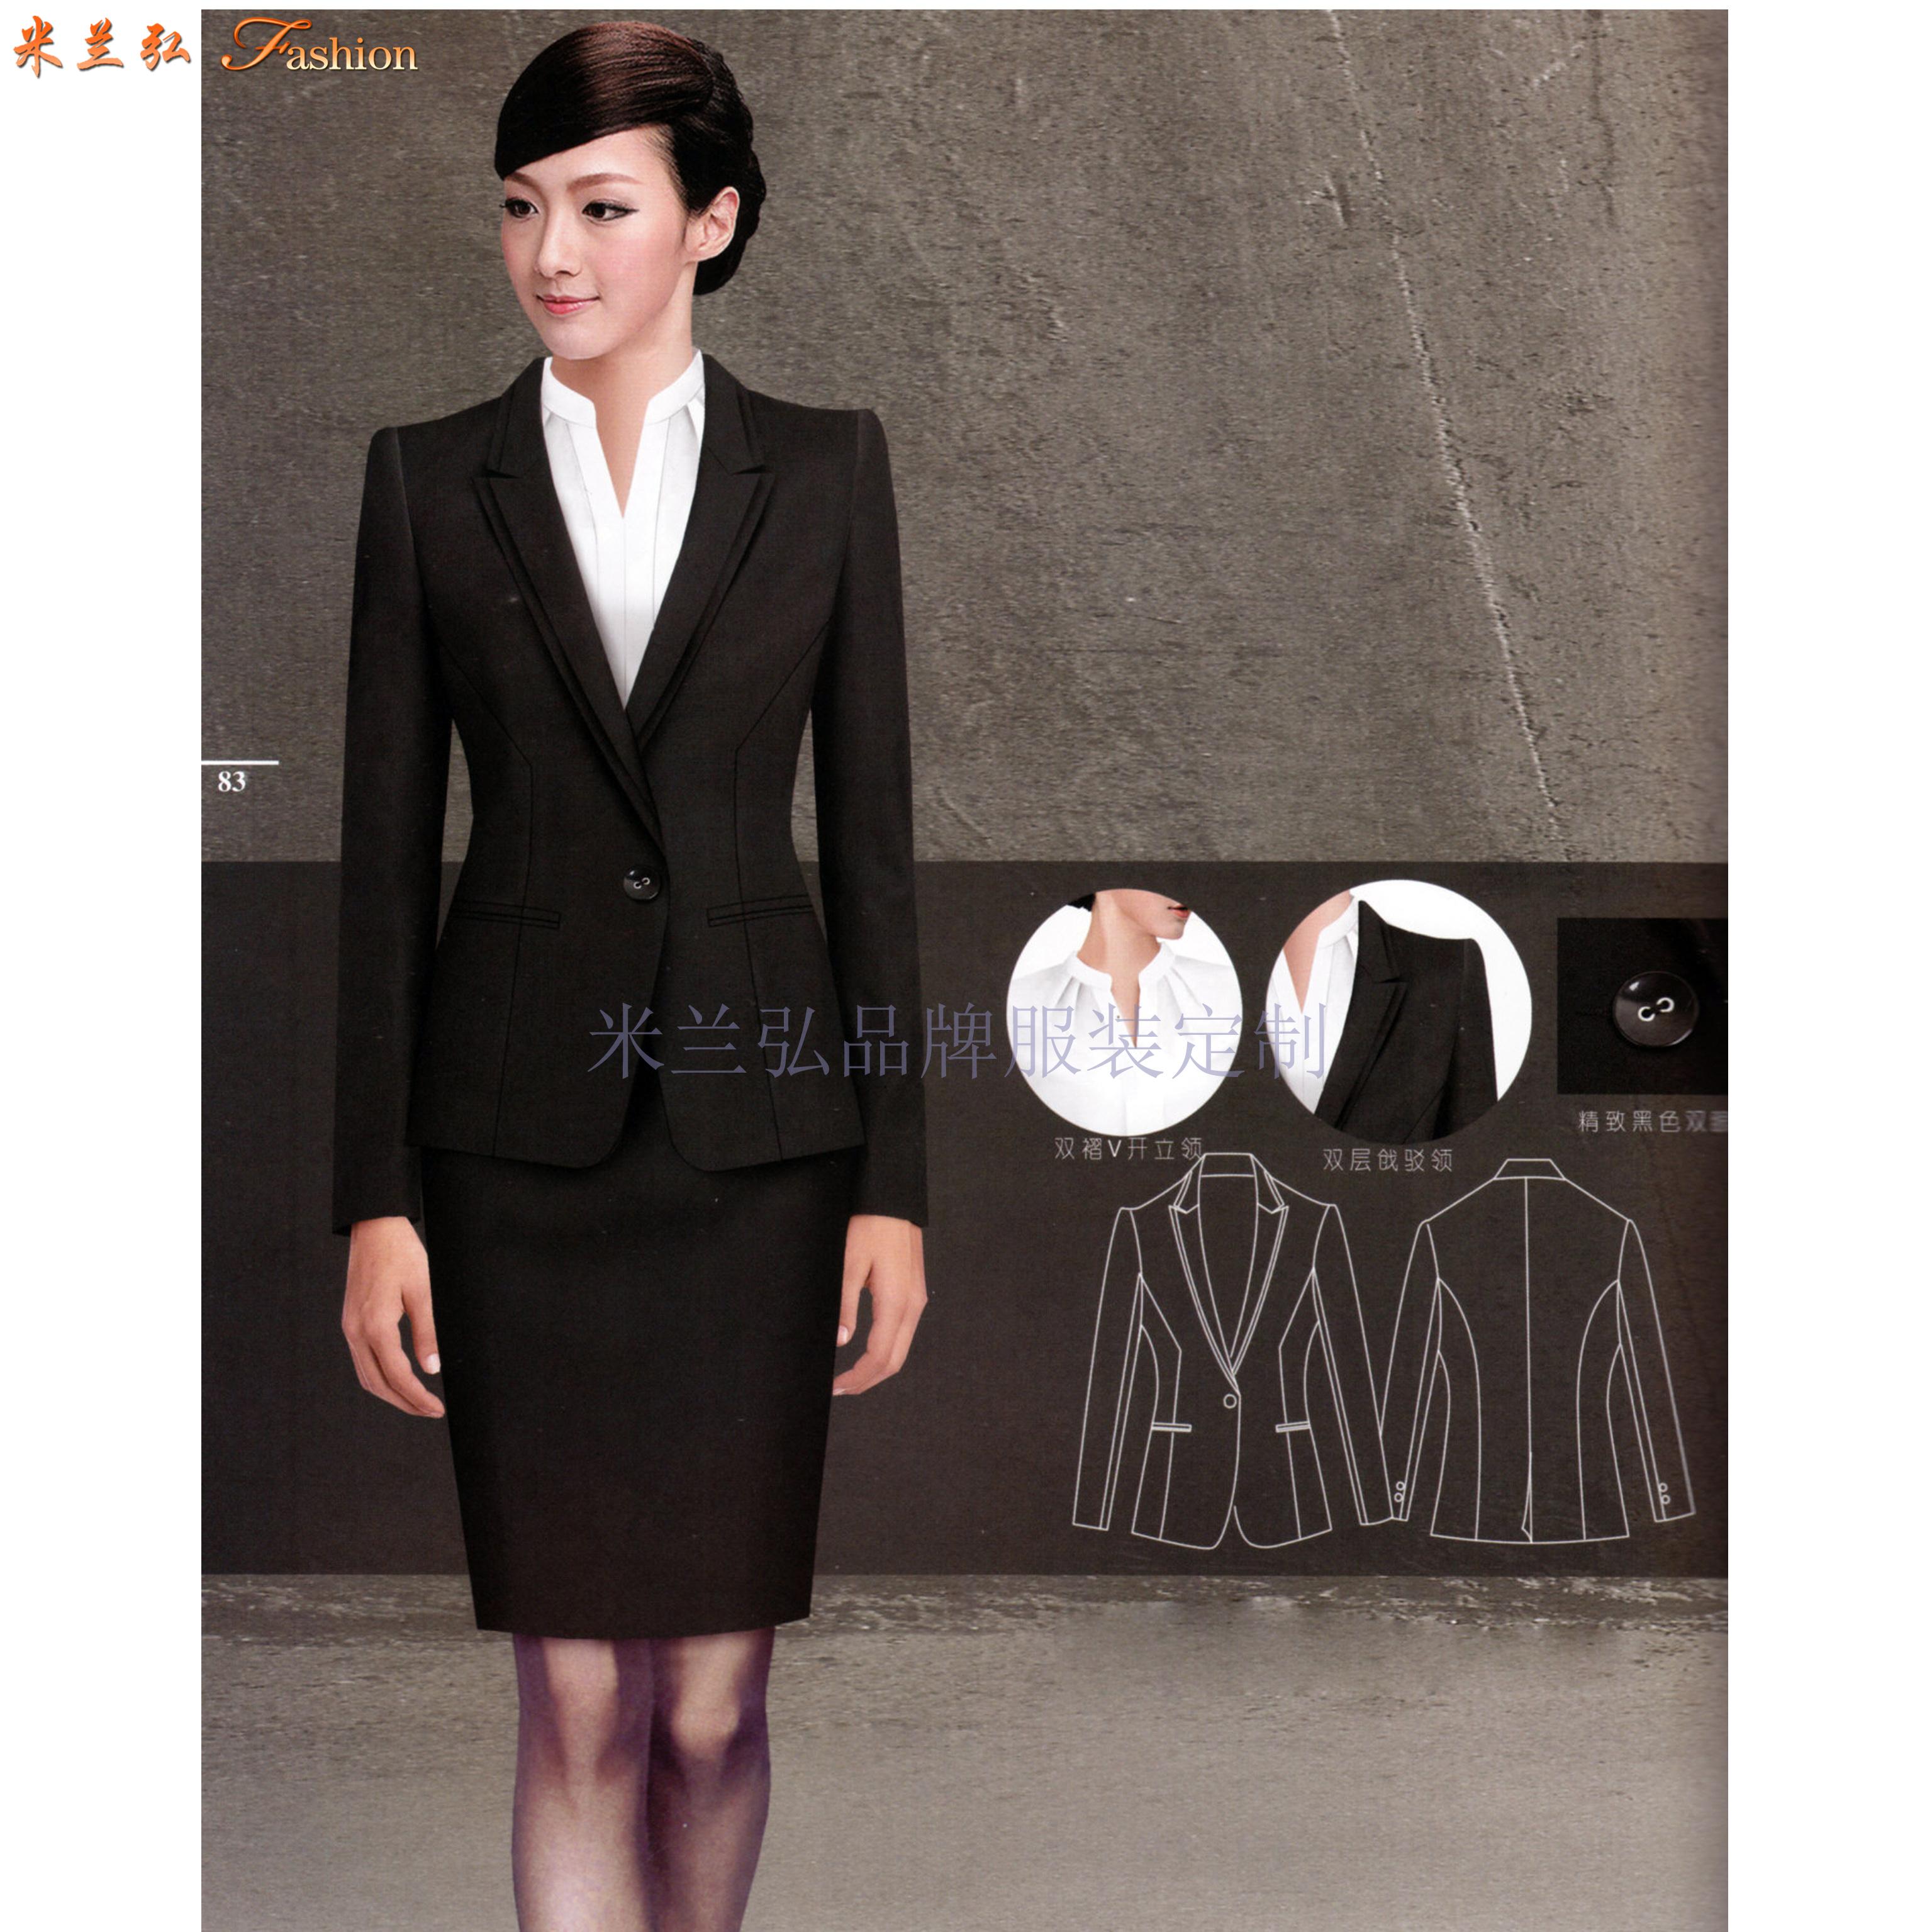 比較正式的商務西服一般選擇黑色或者藏藍色的羊毛面料-米蘭弘-3